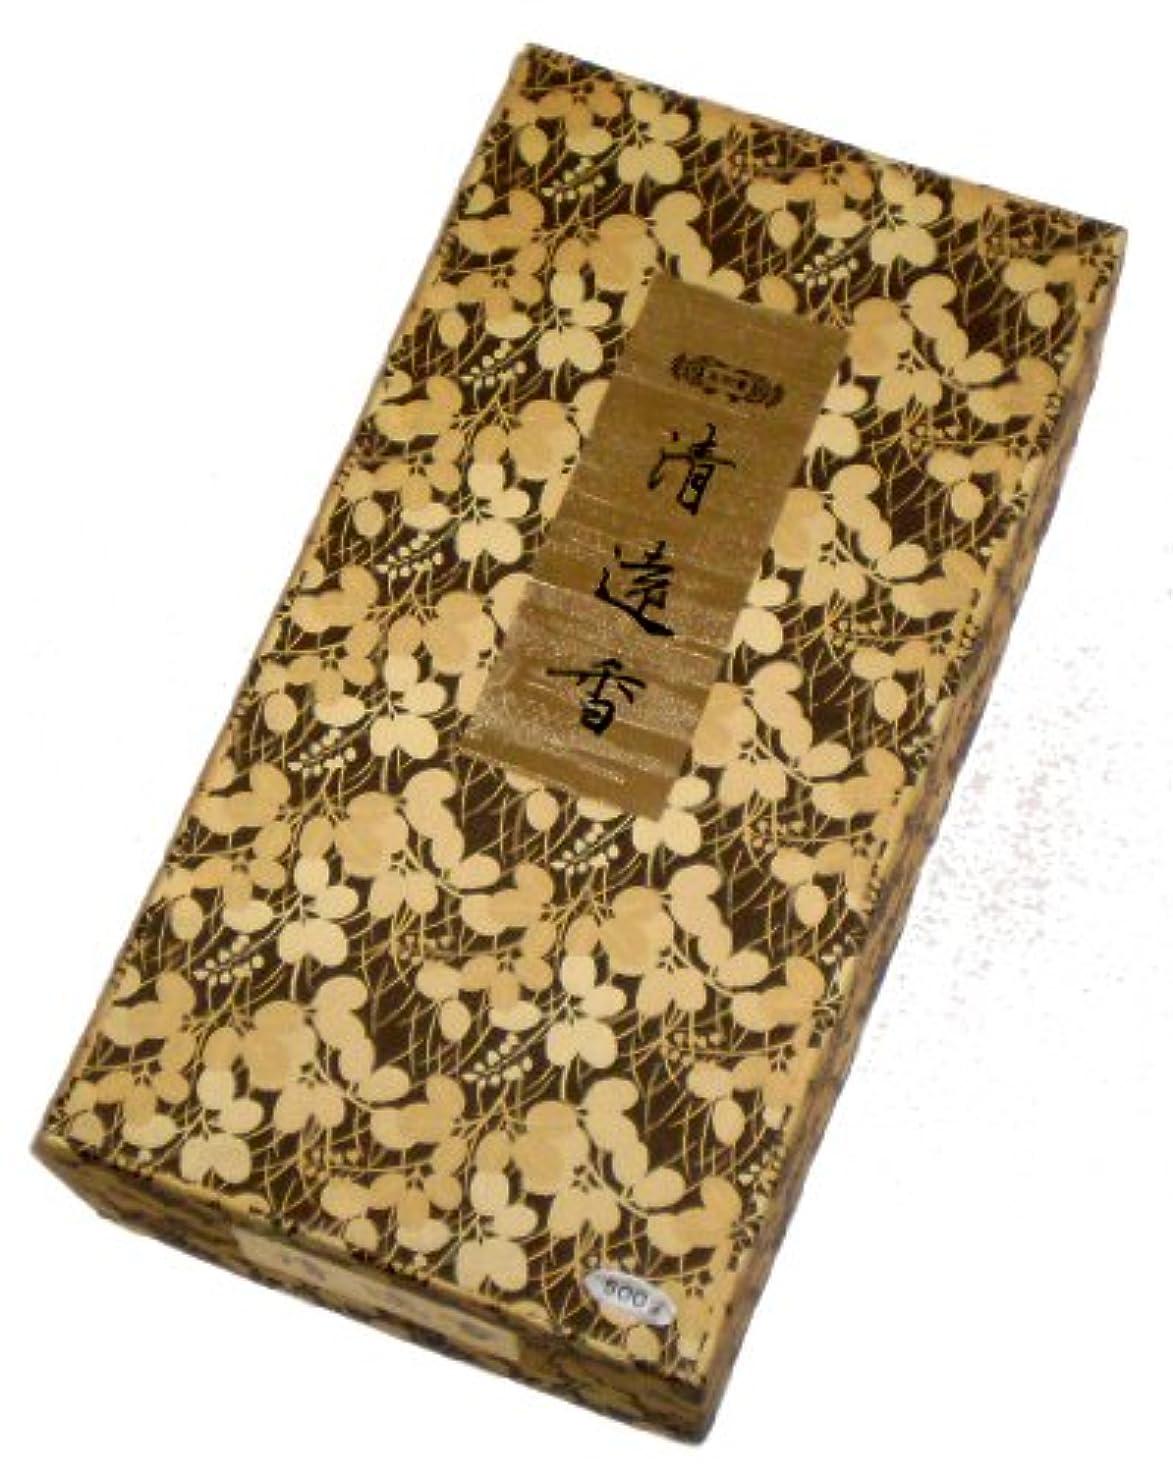 定義するまばたき祖先玉初堂のお香 清遠香 500g #601